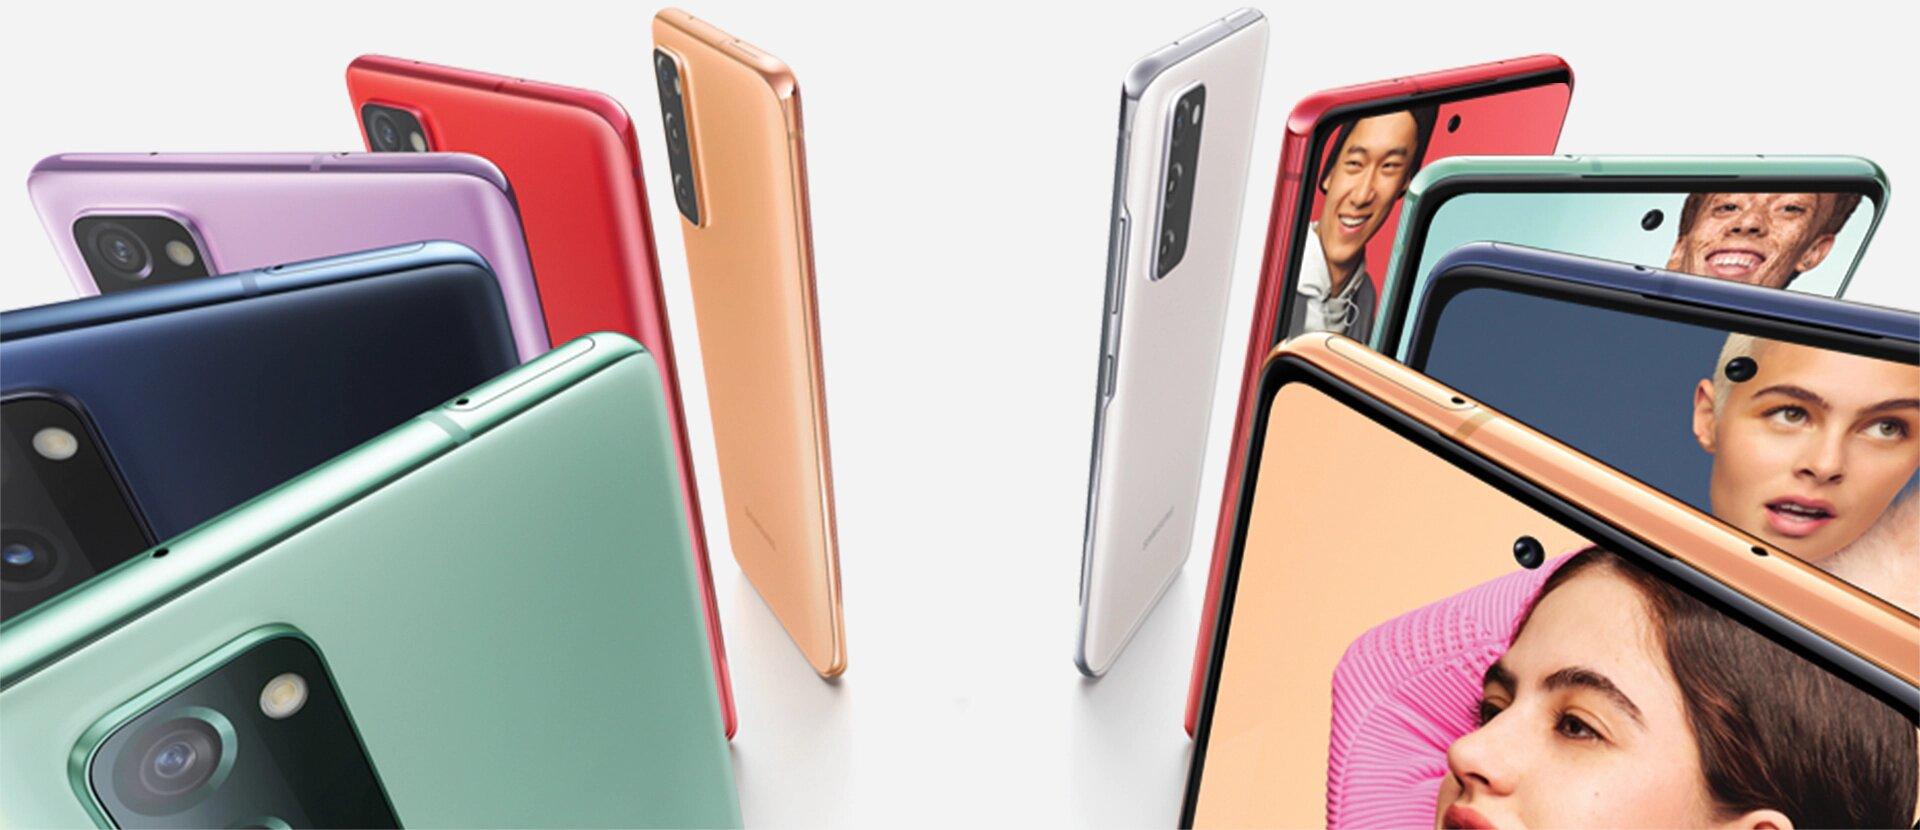 Onze smartphones Galaxy S20 FE na vertical formando um círculo, alternando as cores Cloud Navy, Cloud Red, Cloud Lavender e Cloud Mint. Alguns são vistos de trás e outros de frente, com fotos de pessoas na tela. Cada pessoa se posiciona contra um fundo de cor que corresponde à cor do smartphone.